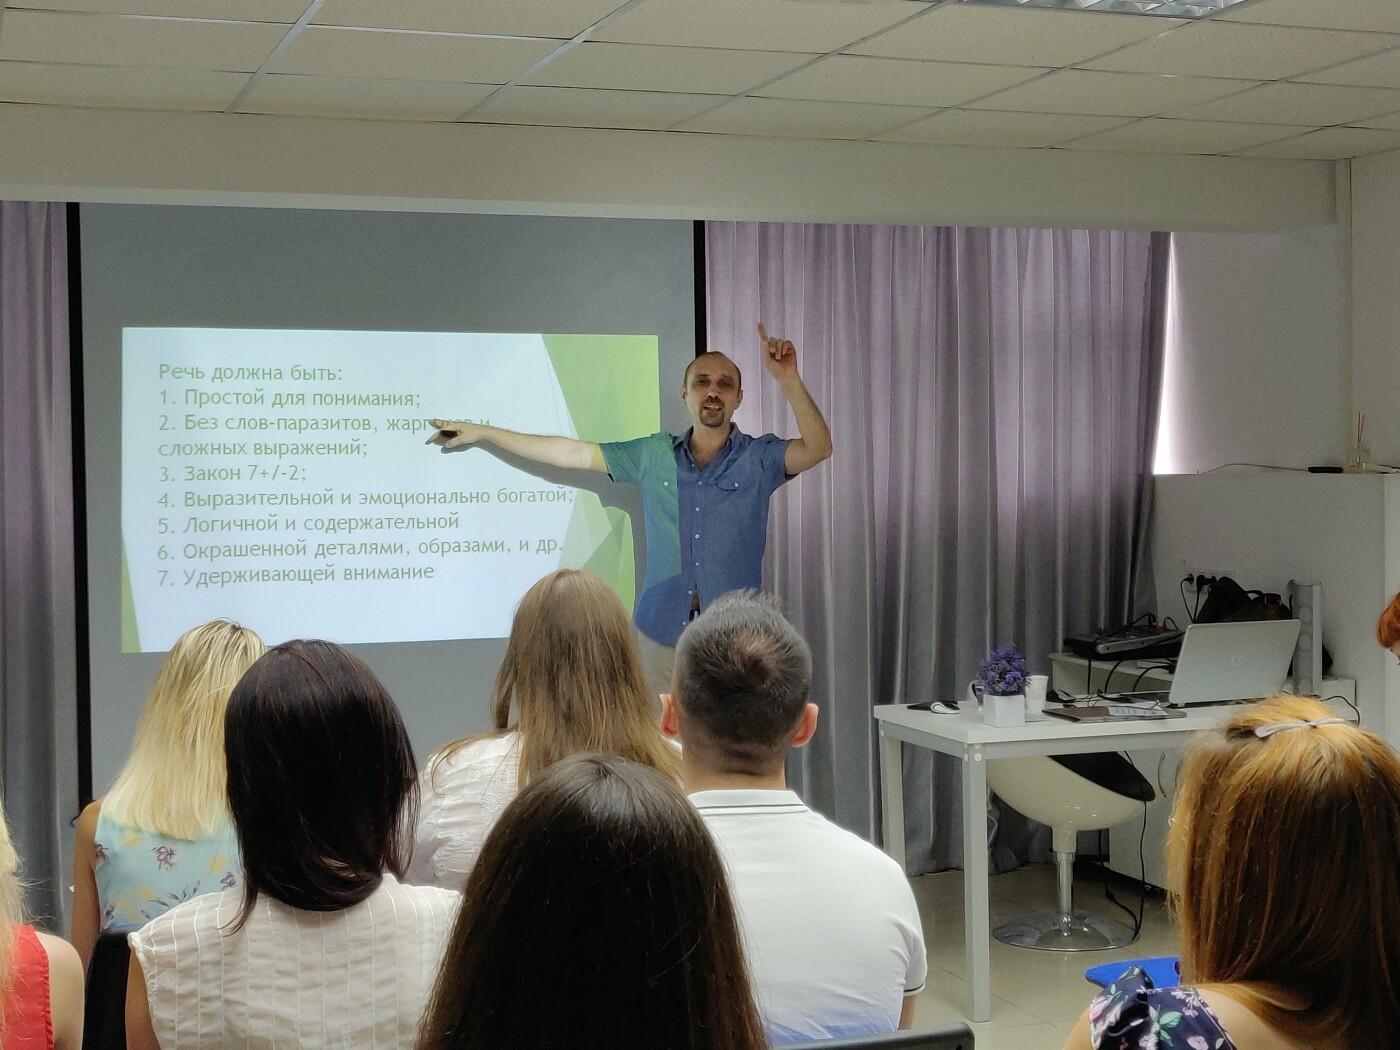 Онлайн-образование. Какие курсы выбрать в 2021 году?, фото-24